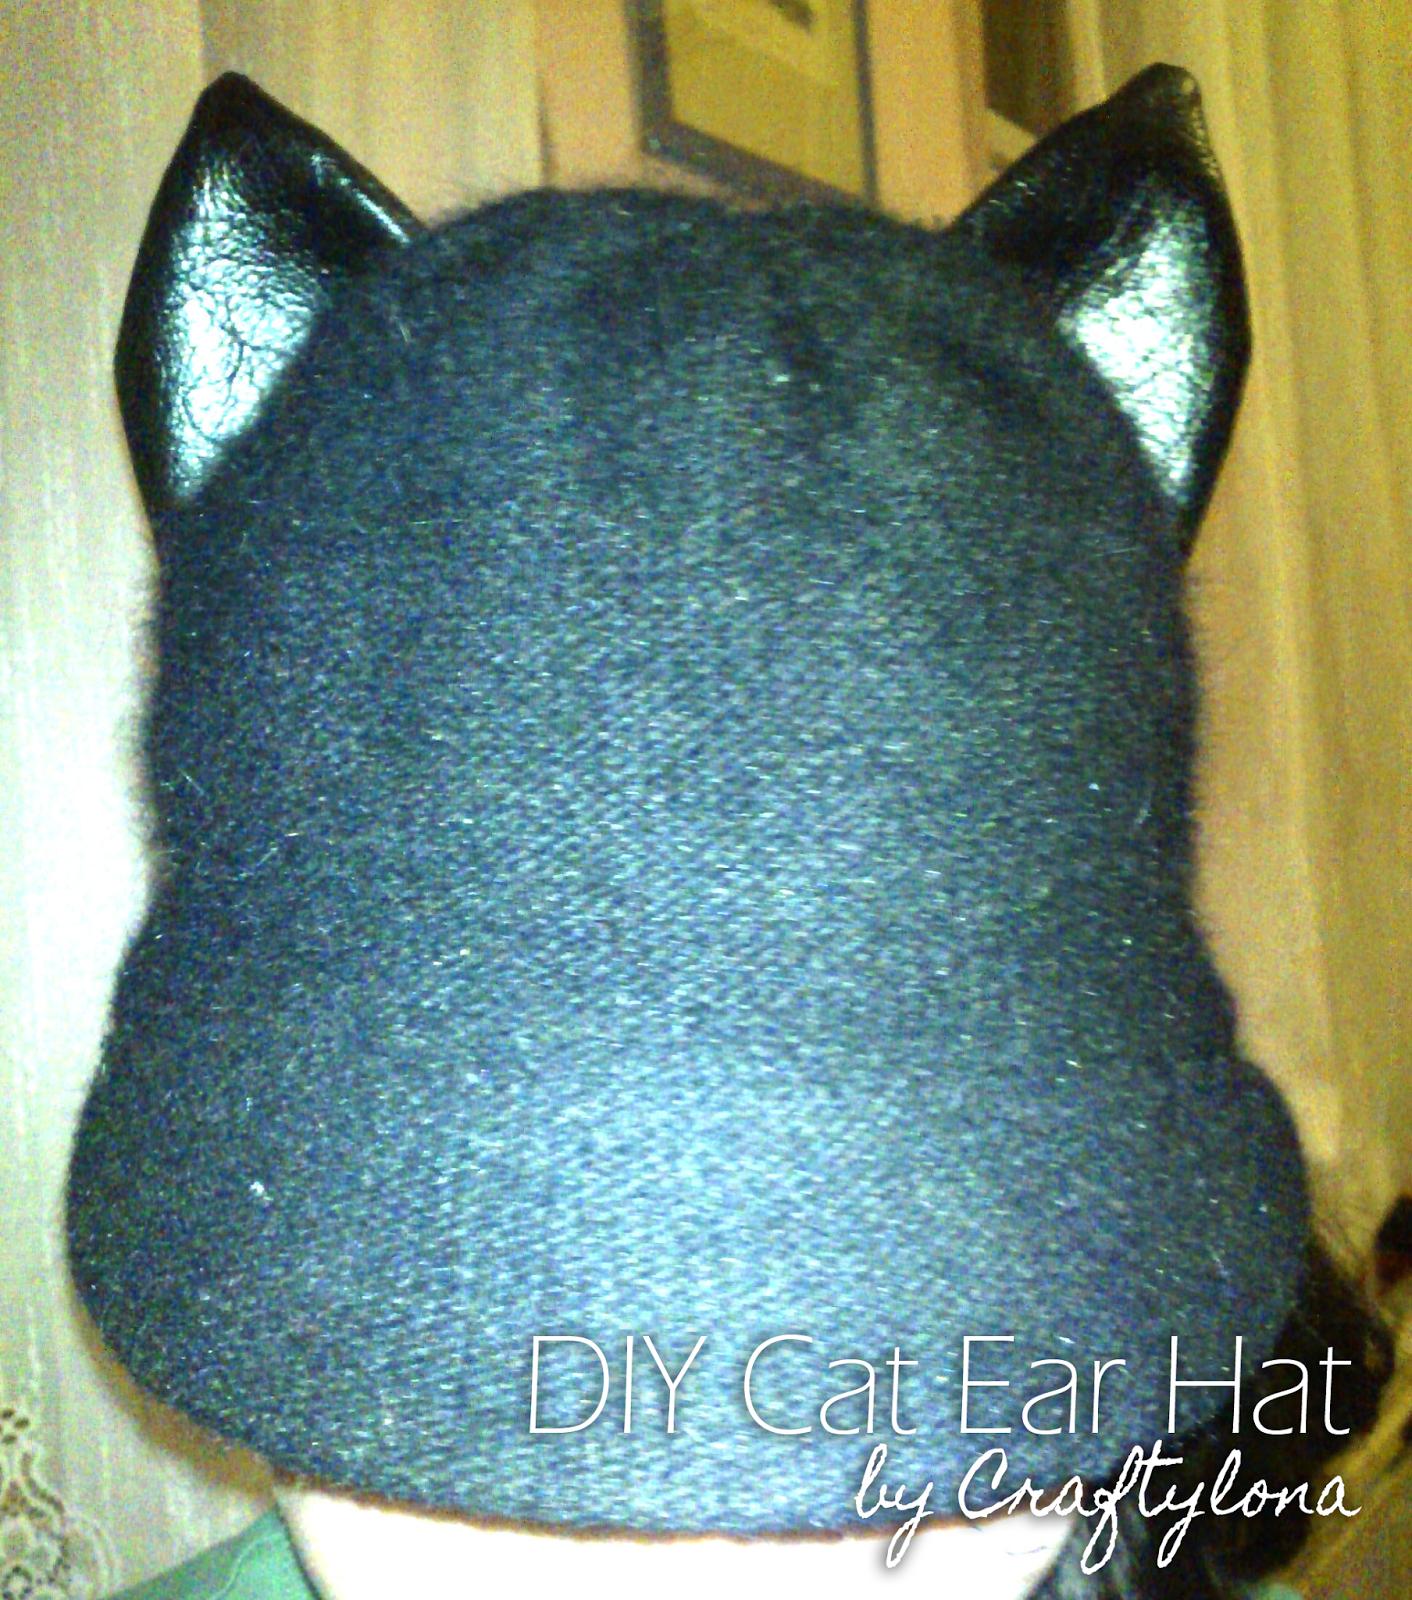 DIY Cat Ear Hat